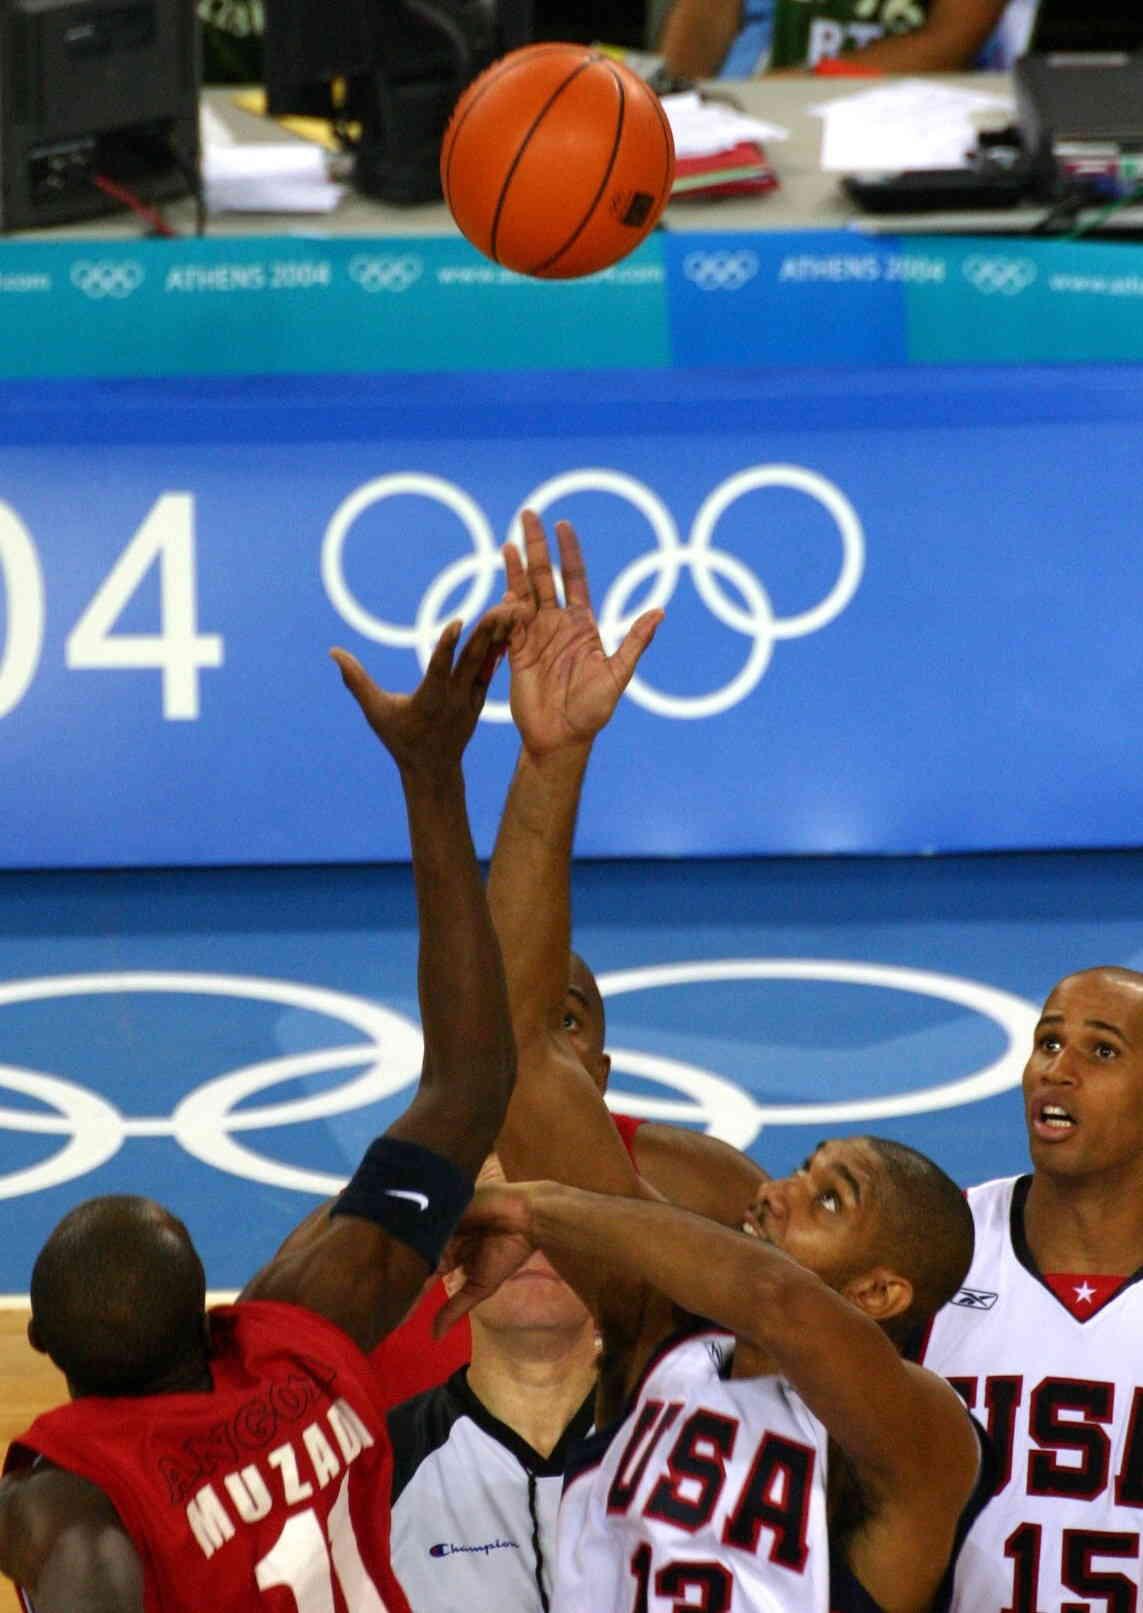 athens 2004 basketball